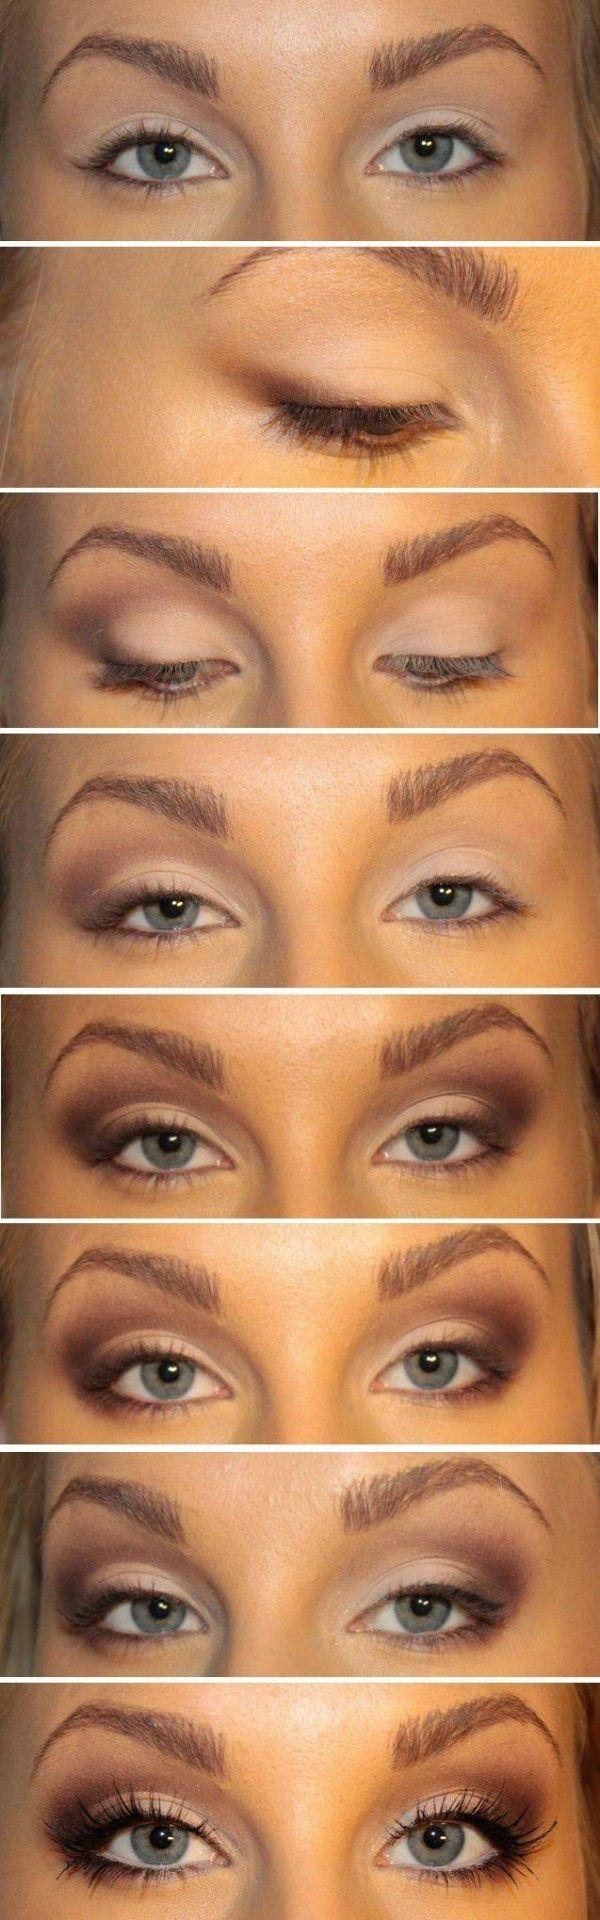 Cómo hacer que tus ojos se vean más grandes - Geek maquillaje